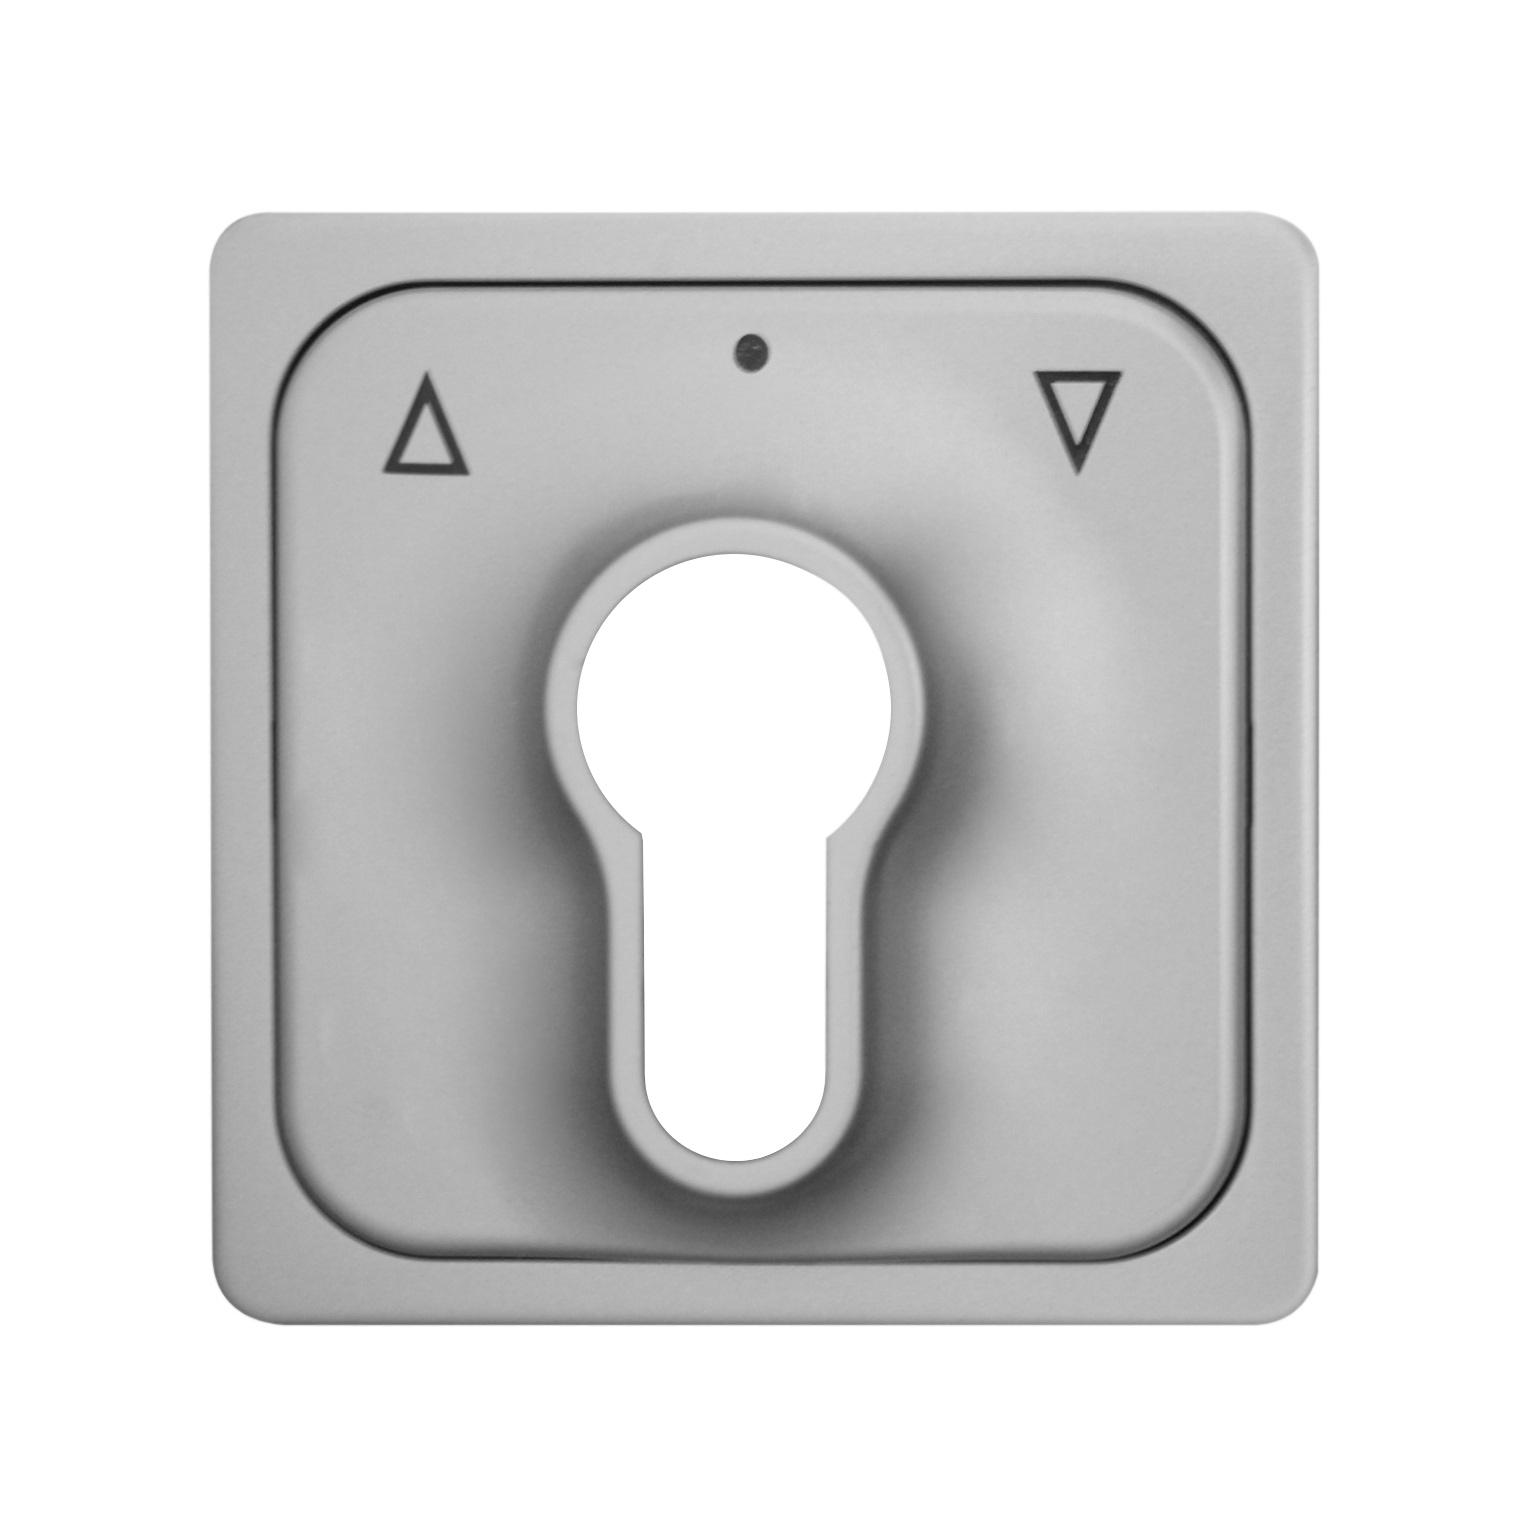 1 Stk Zentralplatte für Schlüsselschalter, Alueffekt EL2030319-